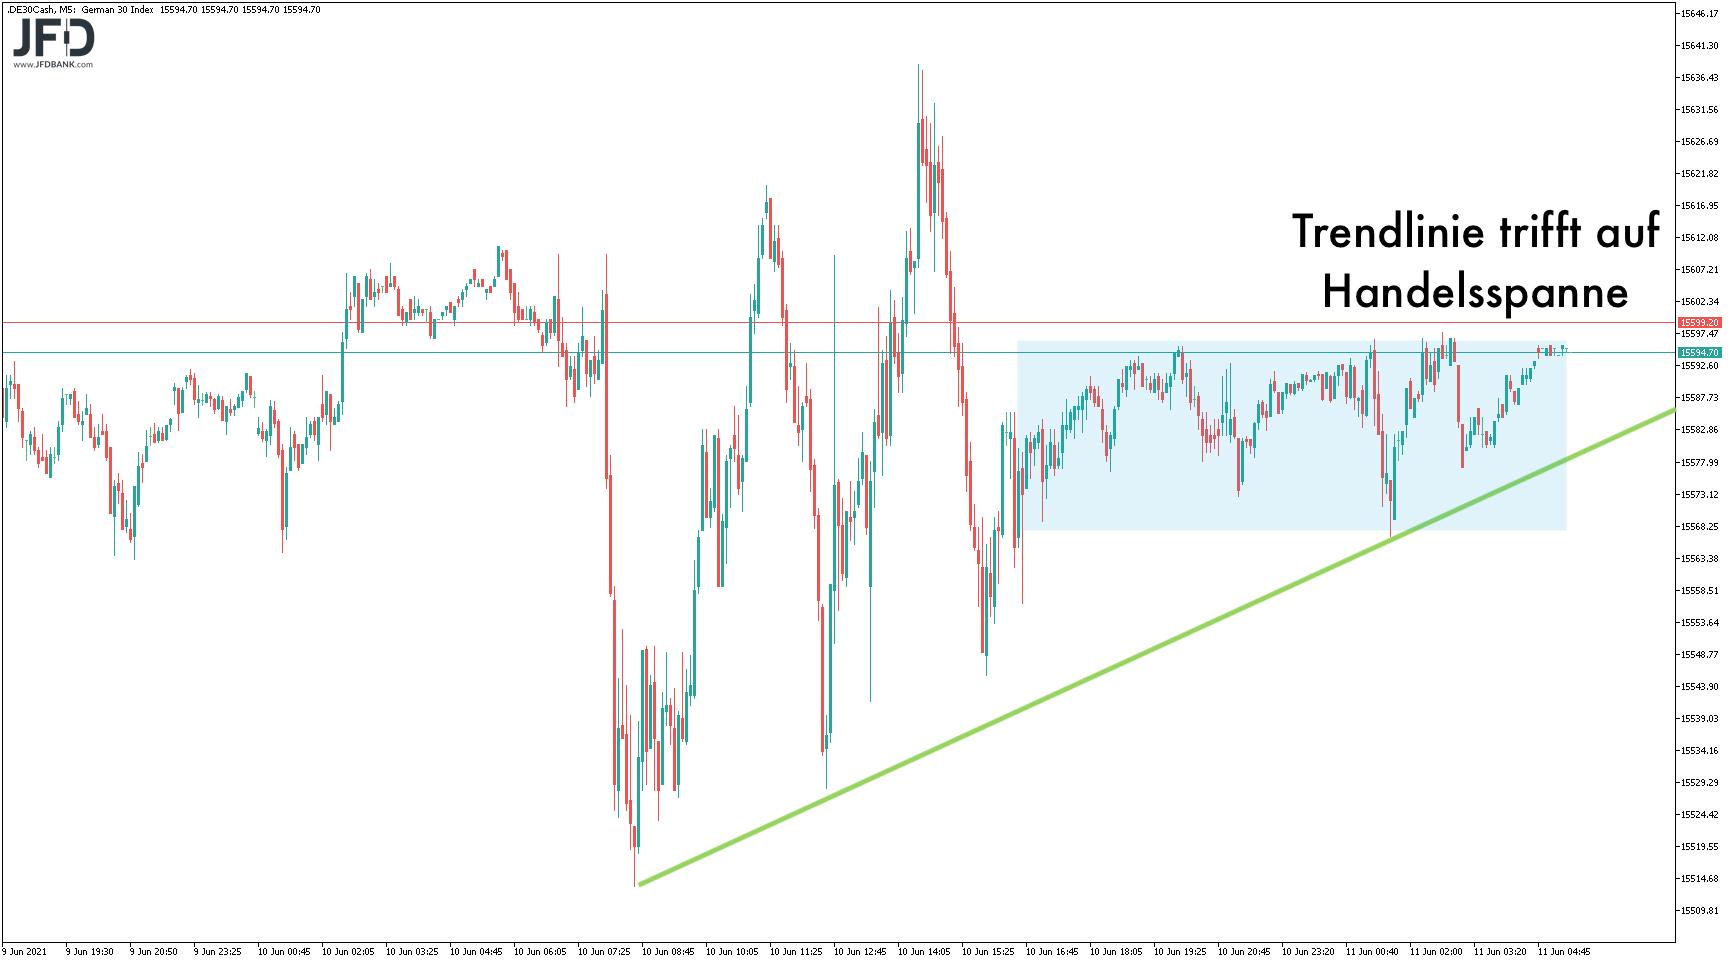 DAX Trendlinie trifft vorbörslich auf Seitwärtsrange